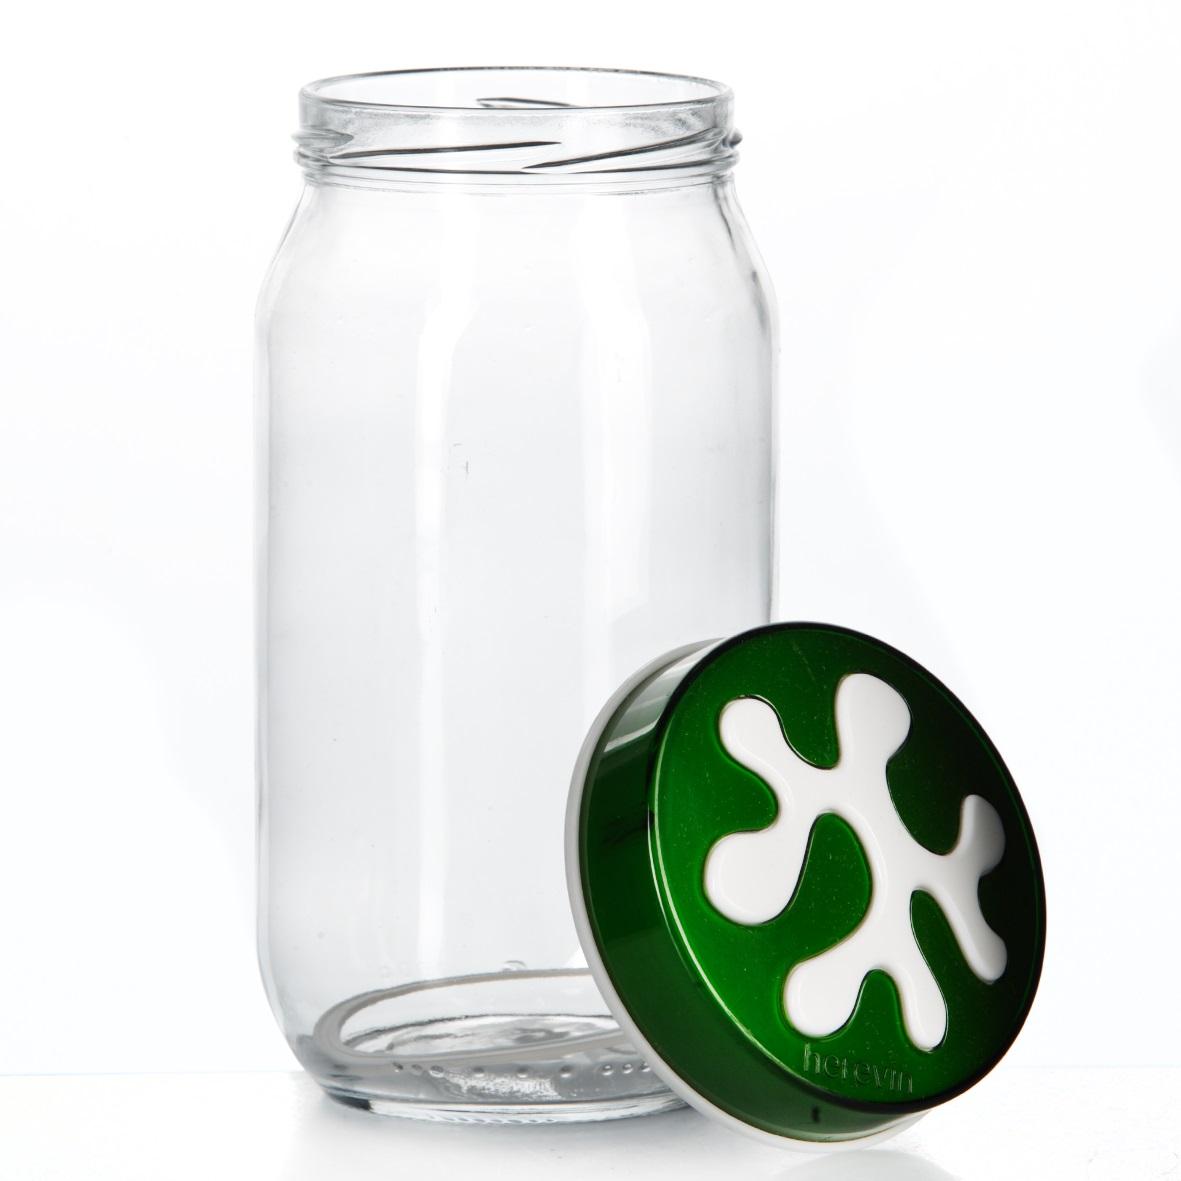 Банка для сыпучих продуктов Herevin, цвет: зеленый, 1 л. 135377-002135377-002Банка для сыпучих продуктов Herevin изготовлена из прочного стекла и оснащена плотно закрывающейся пластиковой крышкой. Благодаря этому внутри сохраняется герметичность, и продукты дольше остаются свежими. Изделие предназначено для хранения различных сыпучих продуктов: круп, чая, сахара, орехов и т.д. Функциональная и вместительная, такая банка станет незаменимым аксессуаром на любой кухне. Можно мыть в посудомоечной машине. Пластиковые части рекомендуется мыть вручную. Объем: 1 л. Диаметр (по верхнему краю): 7,5 см. Высота банки (без учета крышки): 18 см.